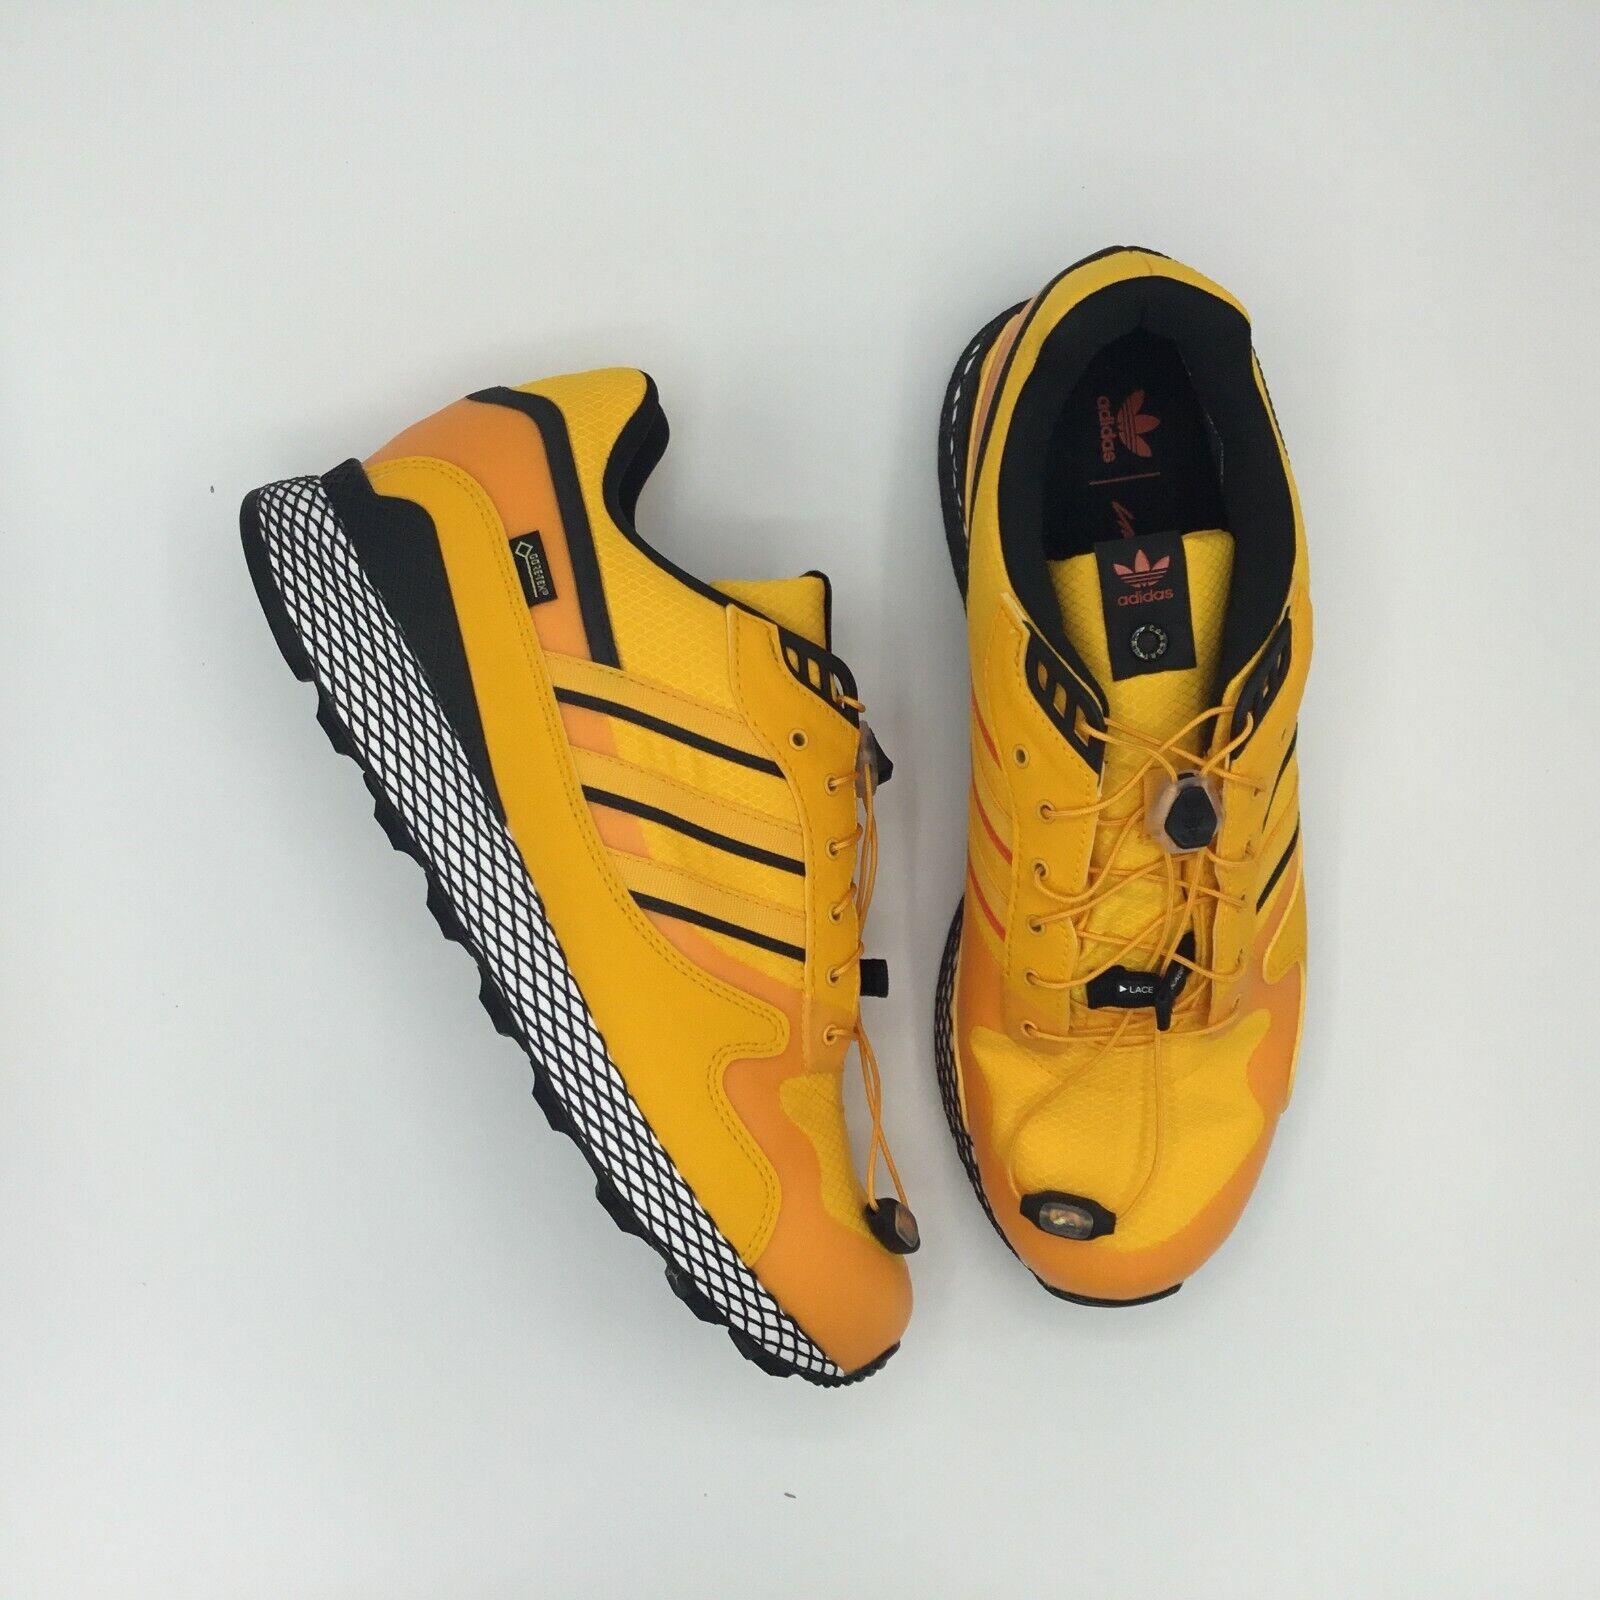 Venta Adidas Ultra Tech GTX Livestock B37852 y 9 Totalmente Nuevo En Mano